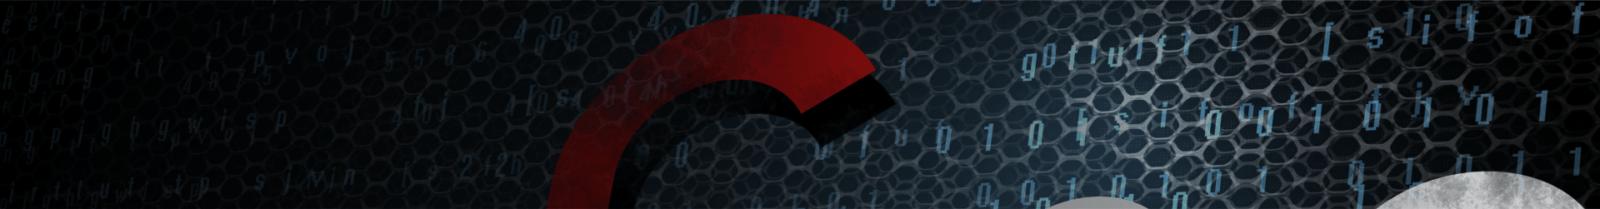 onguard guard monitoring software